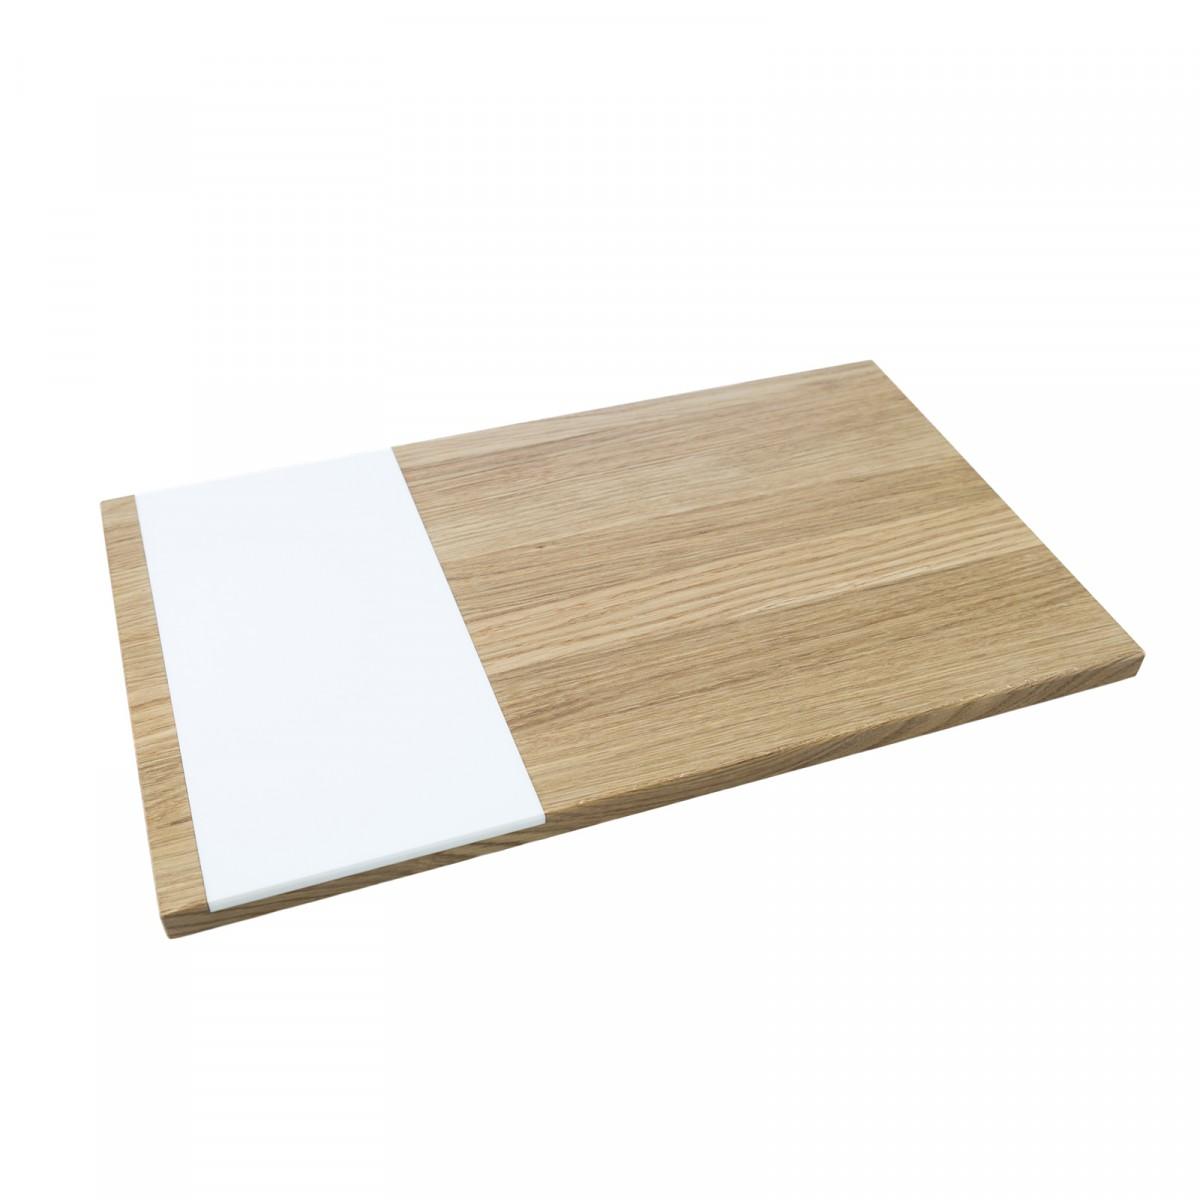 Schneidebrett pano, Doppelseitiges Design - Schneidebrett aus Holz | Holzbutiq